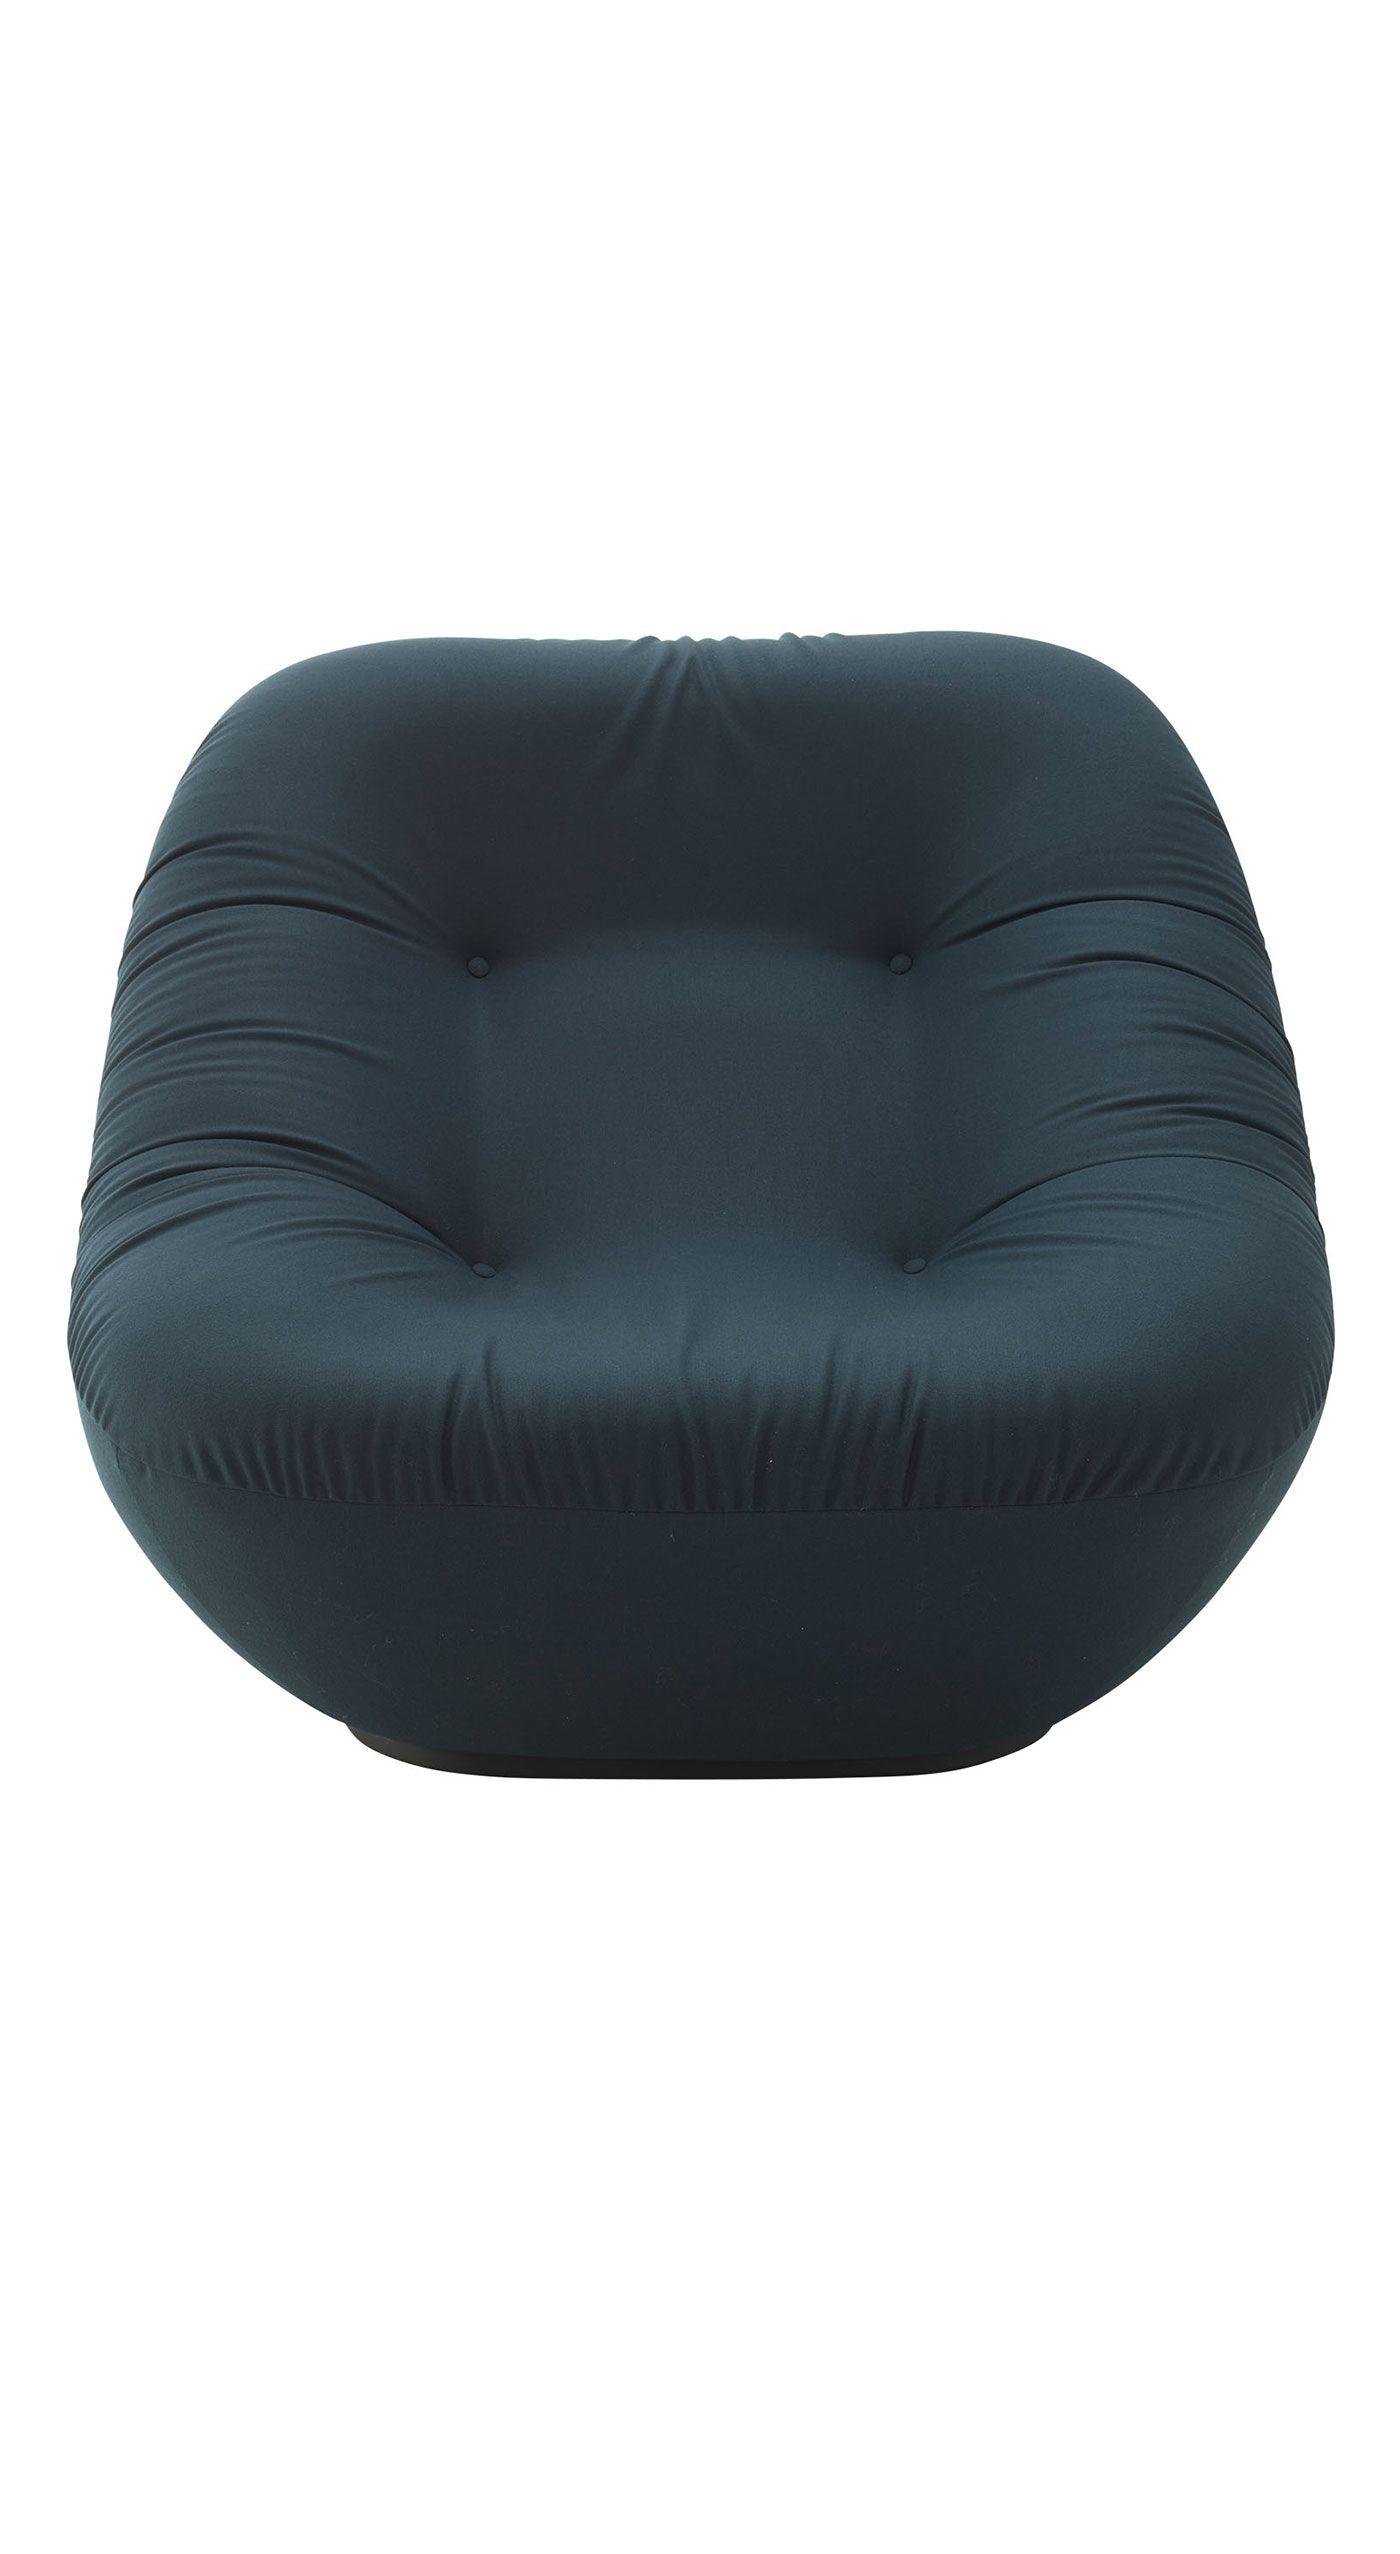 bonnie armchair designed by pierre paulin for ligne roset 2018 rh pinterest com